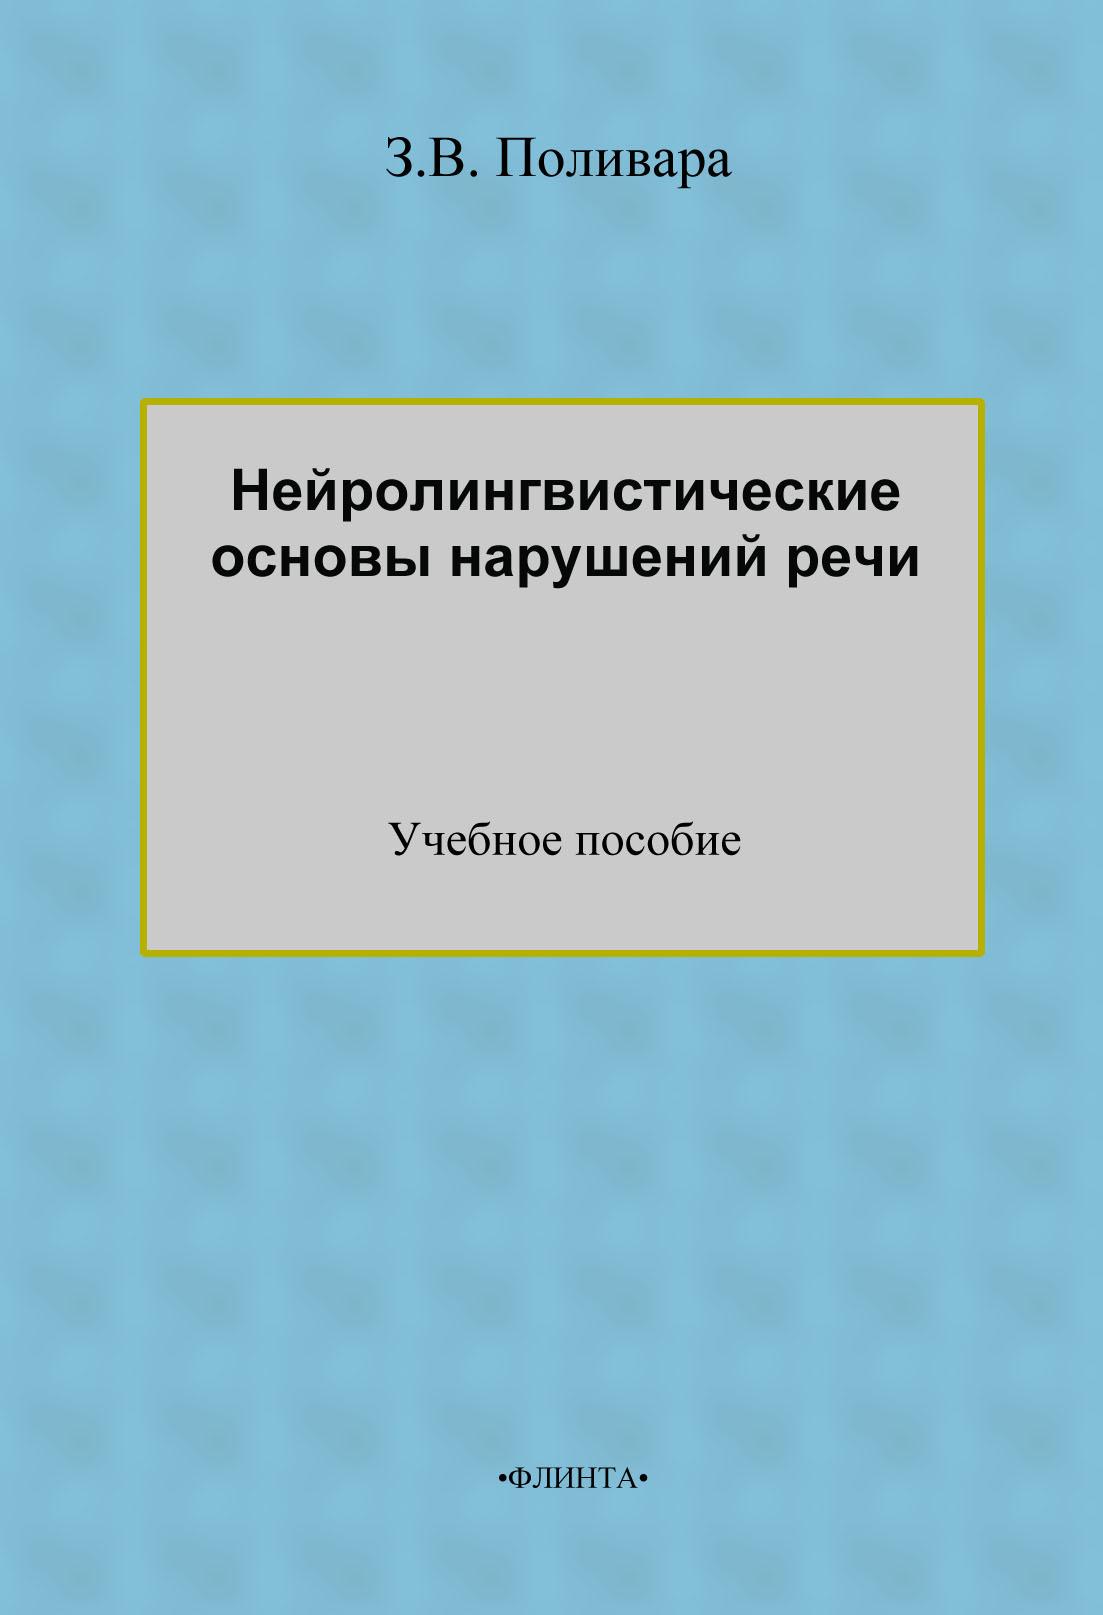 З. В. Поливара Нейролингвистические основы нарушений речи. Учебное пособие внутренний ssd накопитель 128gb smartbuy s11 sb128gb s11tlc msat3 msata sata3